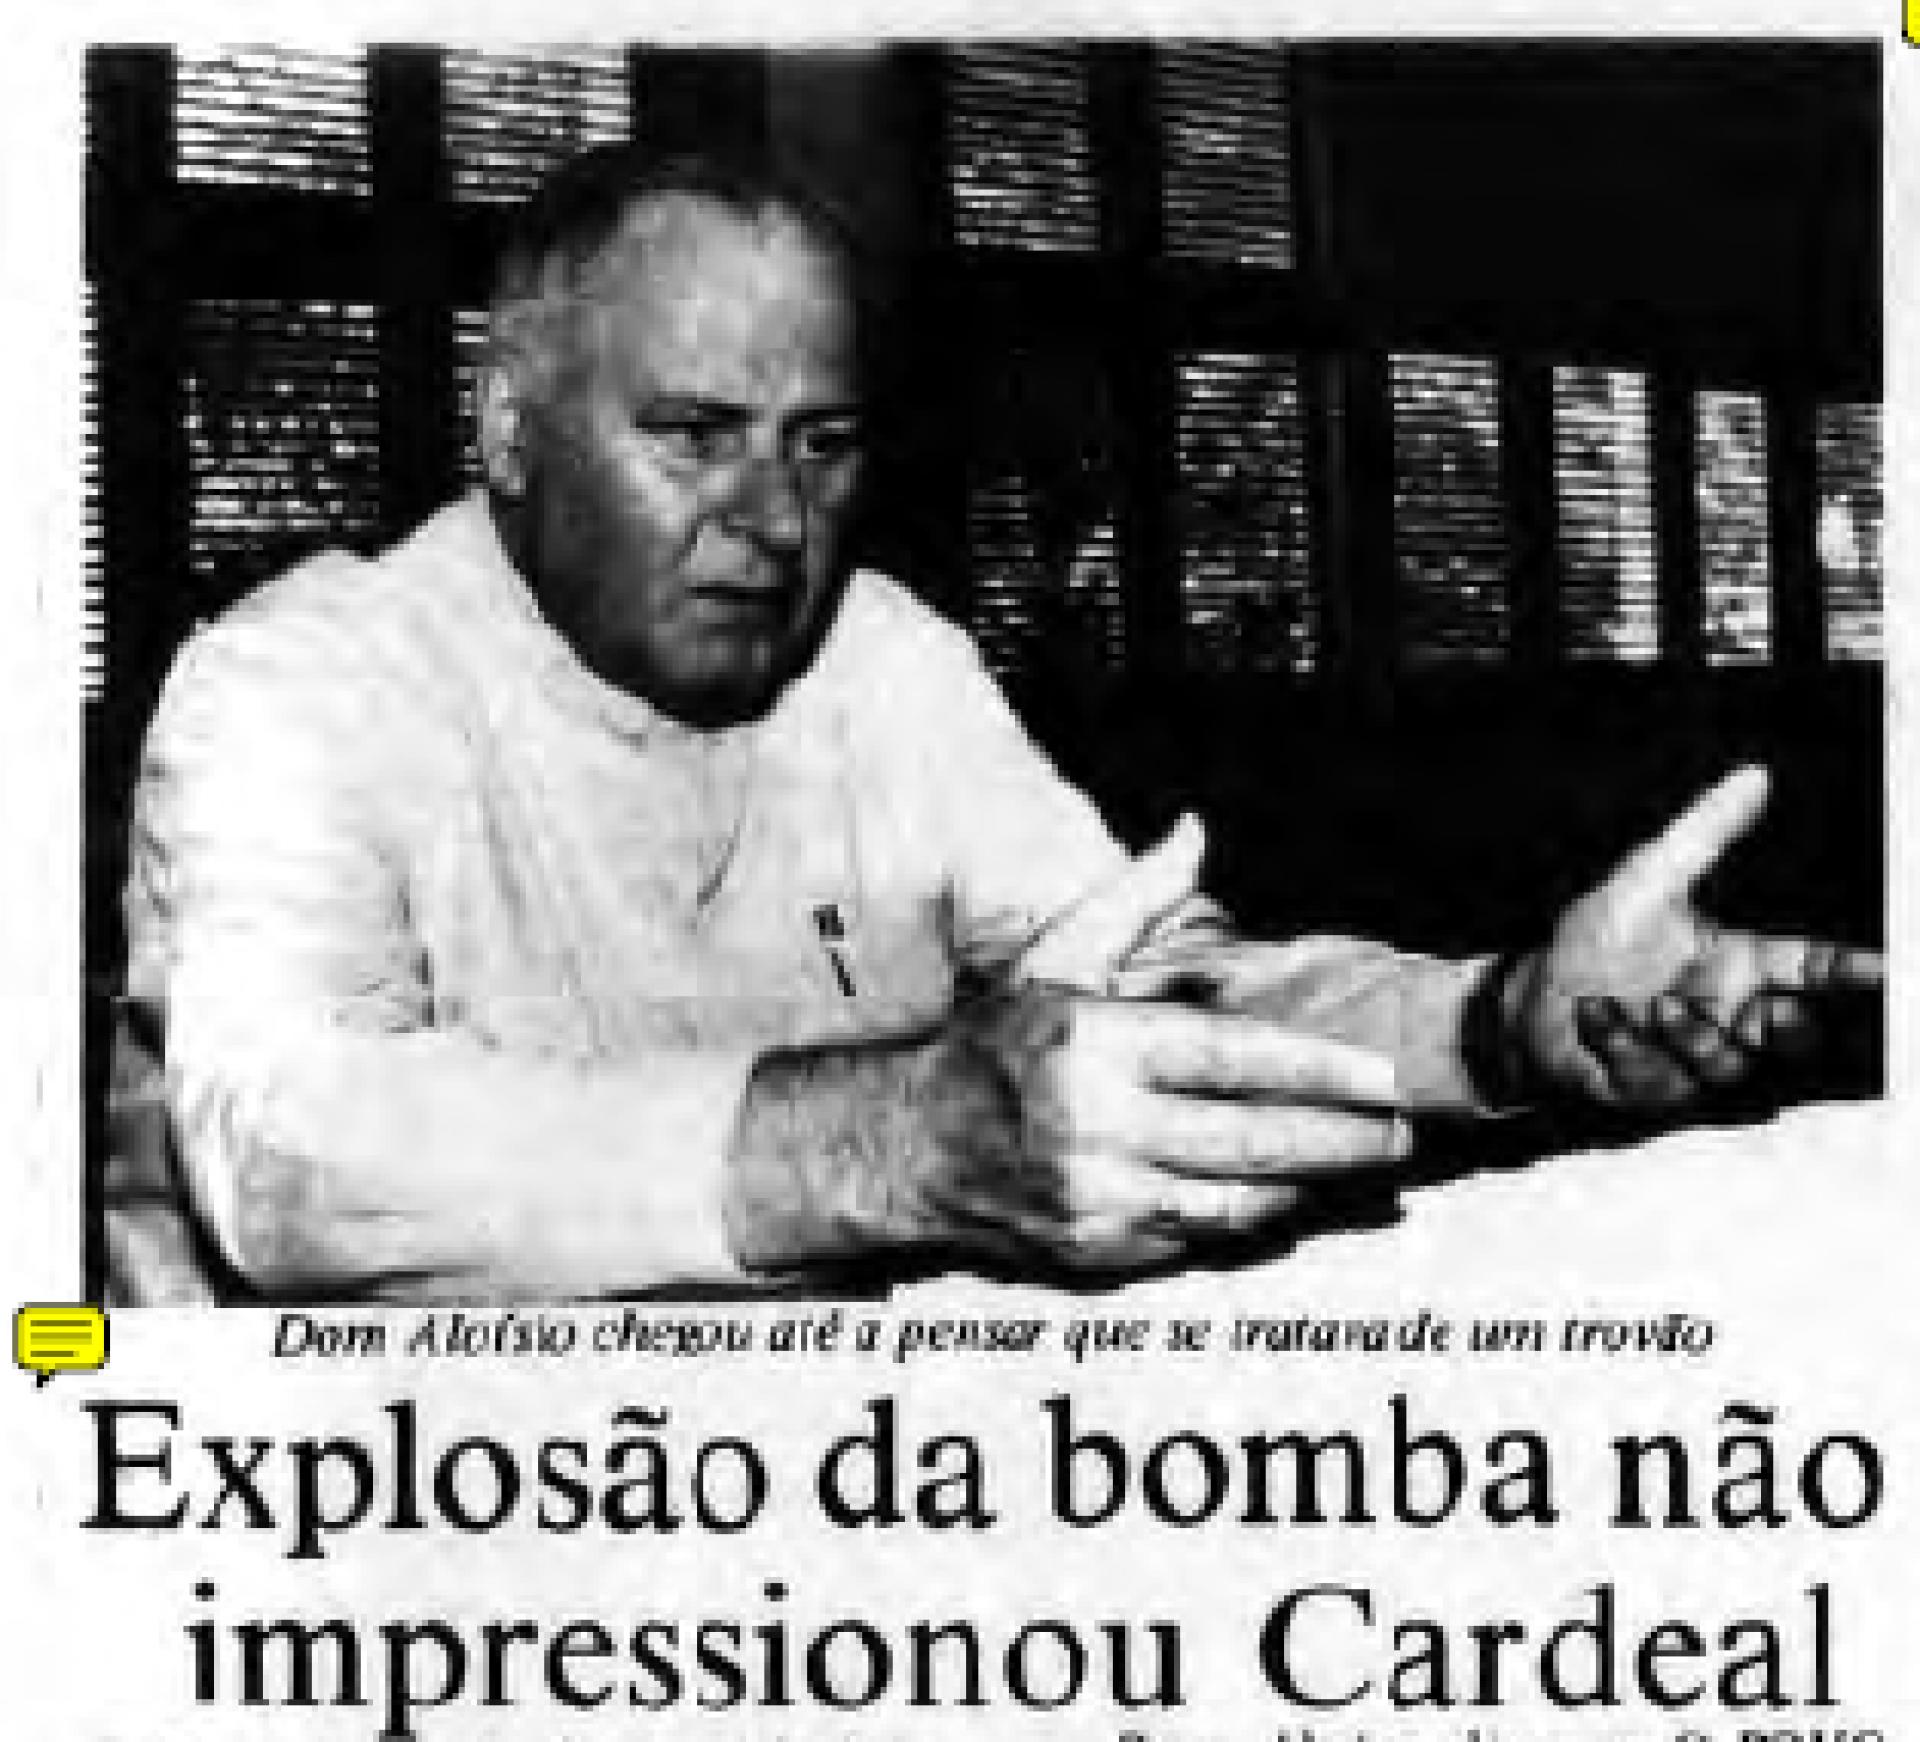 Dom Aloísio no O POVO de 22 de fevereiro de 1987: sem espanto com explosão, que pensou até ser um trovão(Foto: O POVO.DOC)